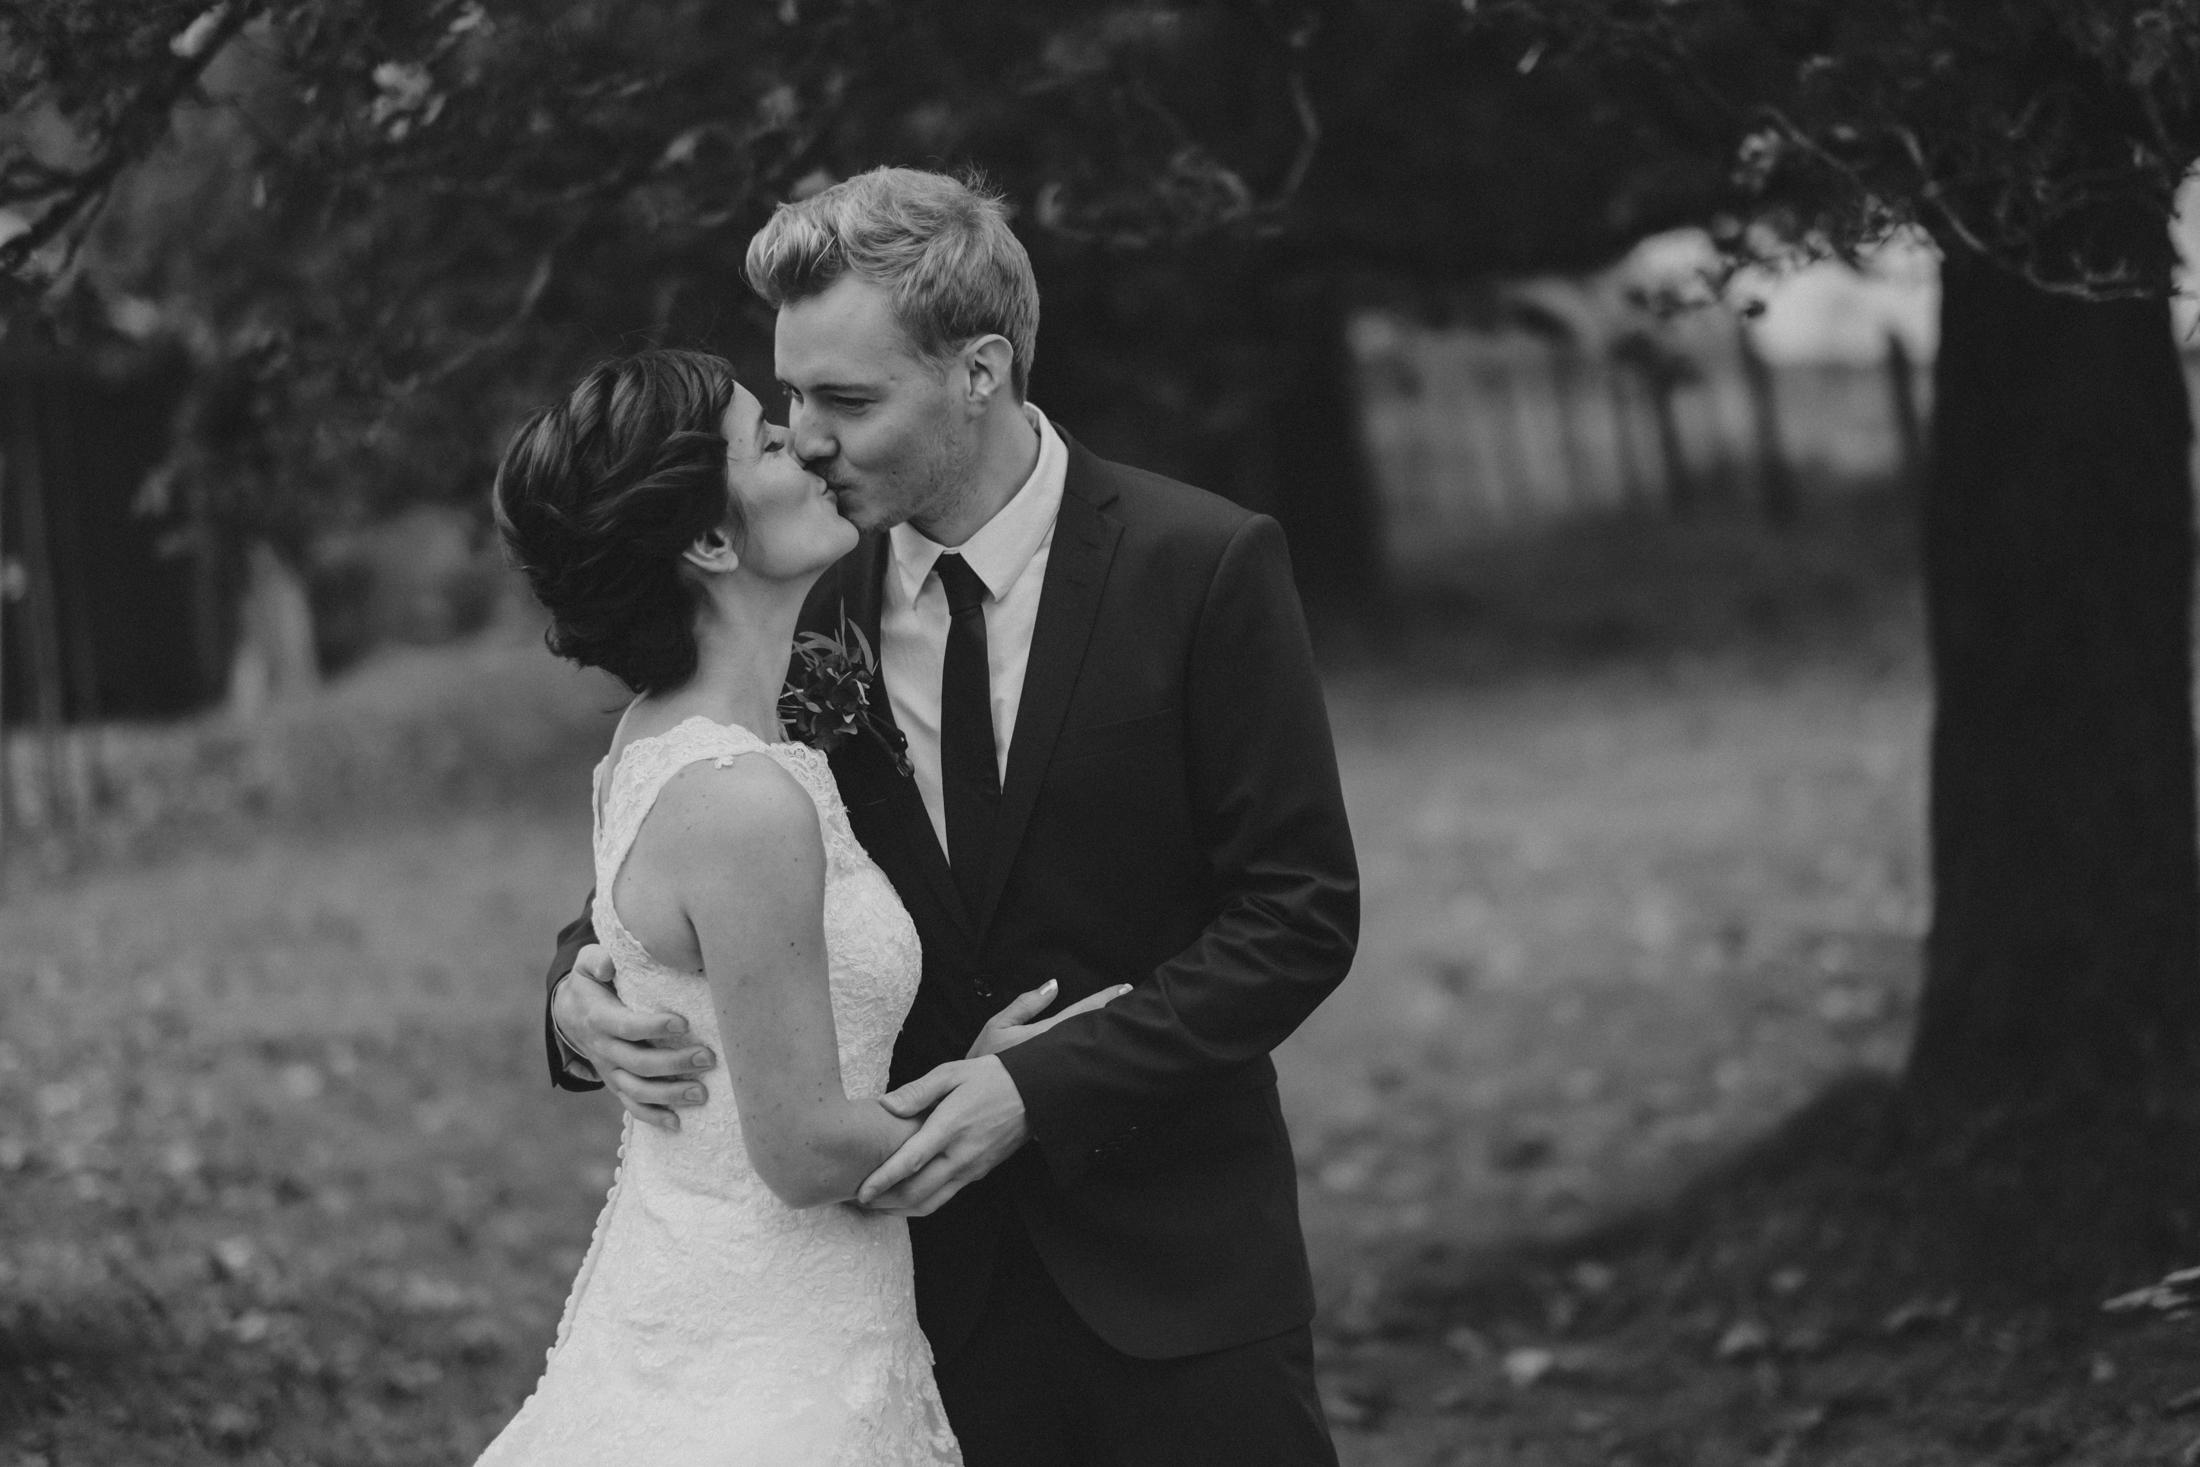 bröllopsfoto-fotograf-max-norin-19.jpg